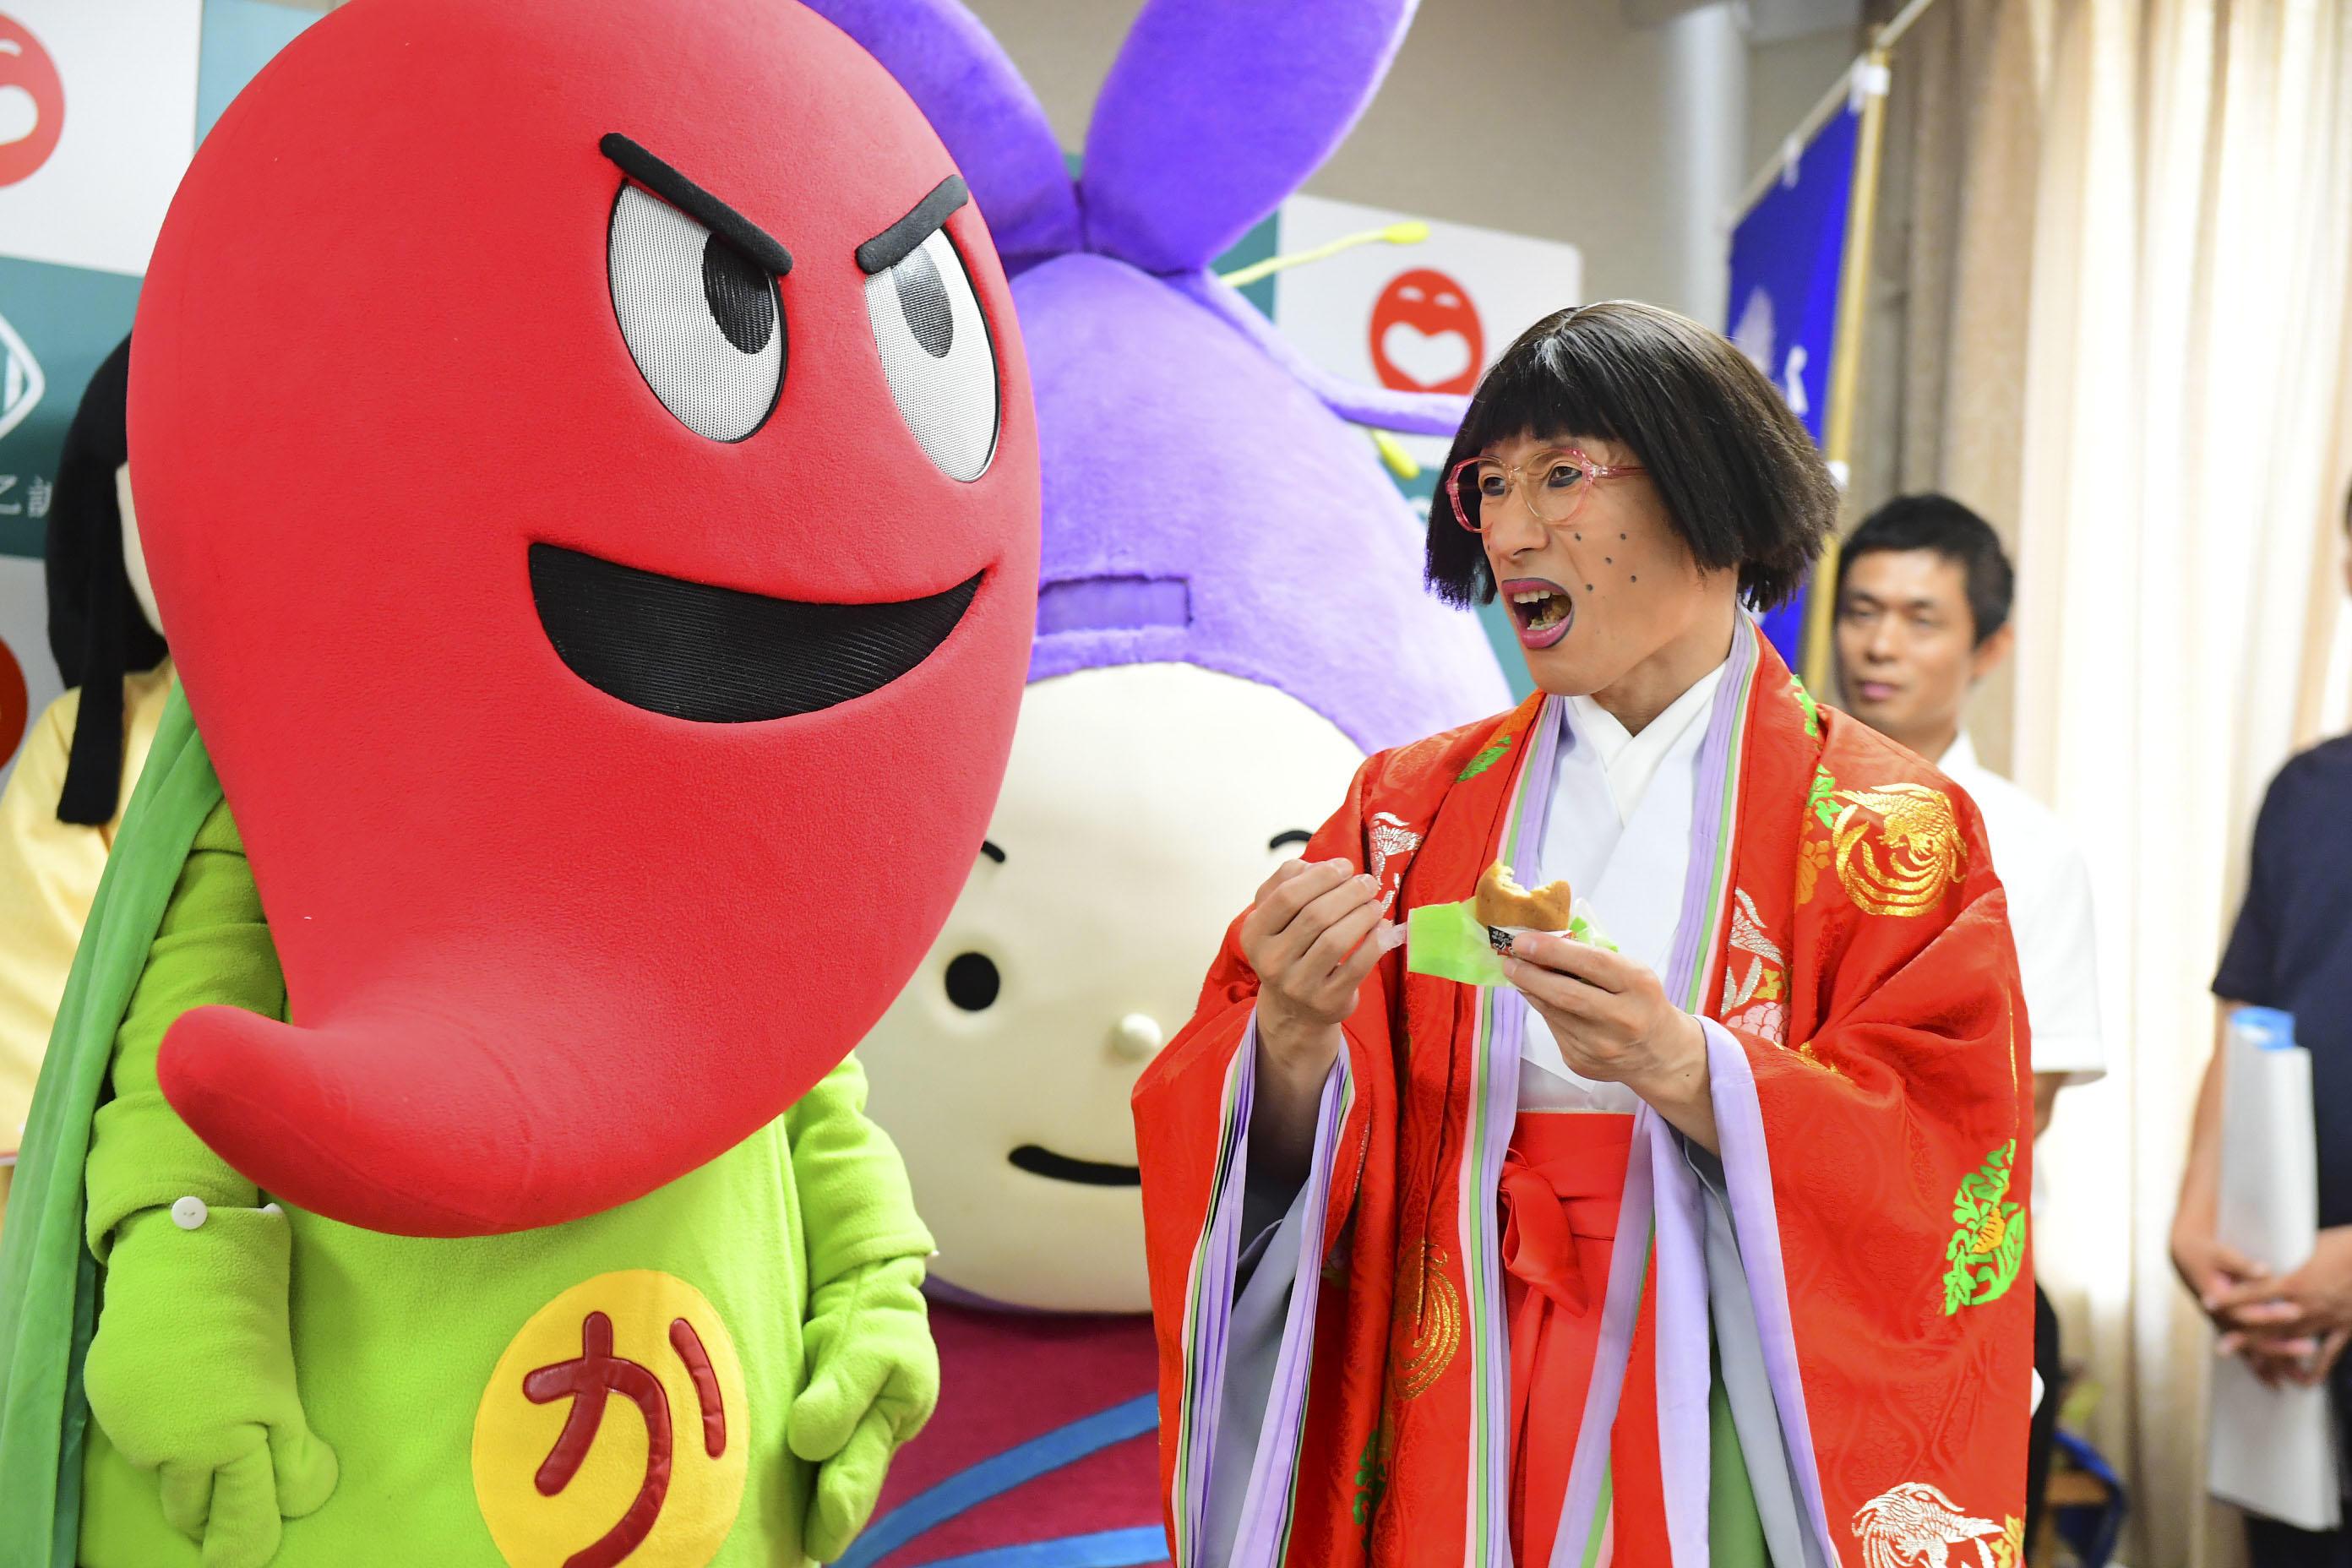 http://news.yoshimoto.co.jp/20170809165443-855d21c03a1973699110d229ccfdff9a9681be58.jpg